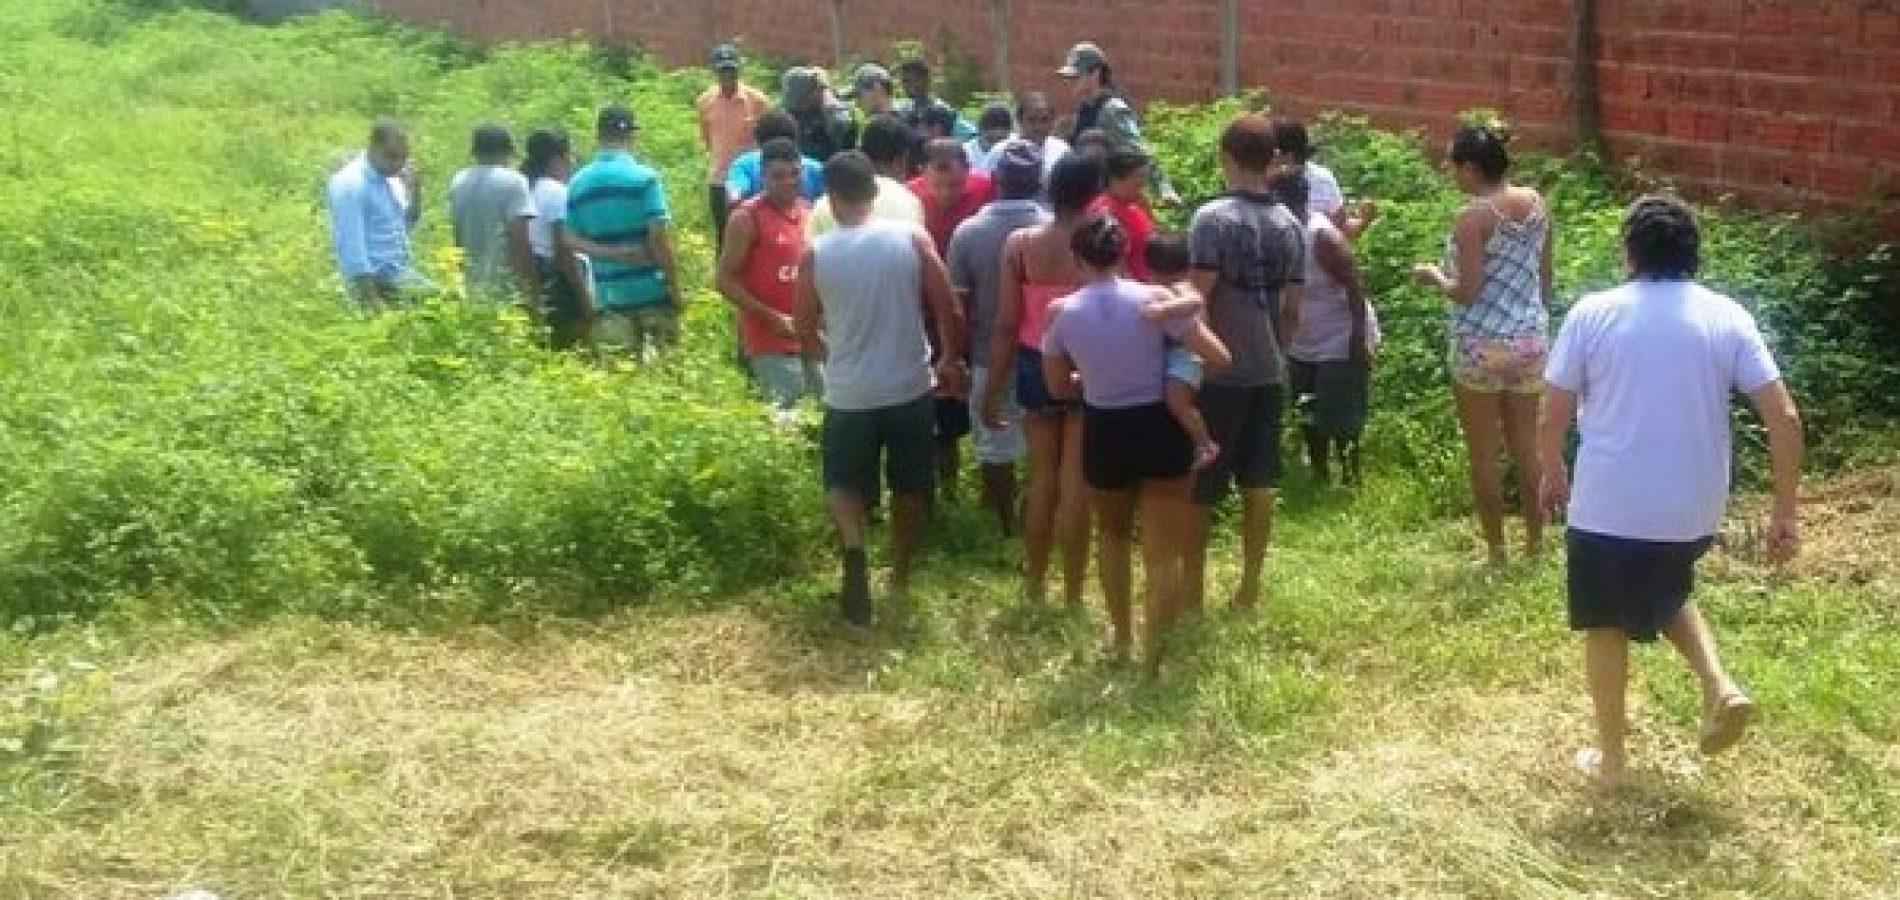 Adolescente  é encontrada morta em terreno baldio ao lado de igreja no Piauí